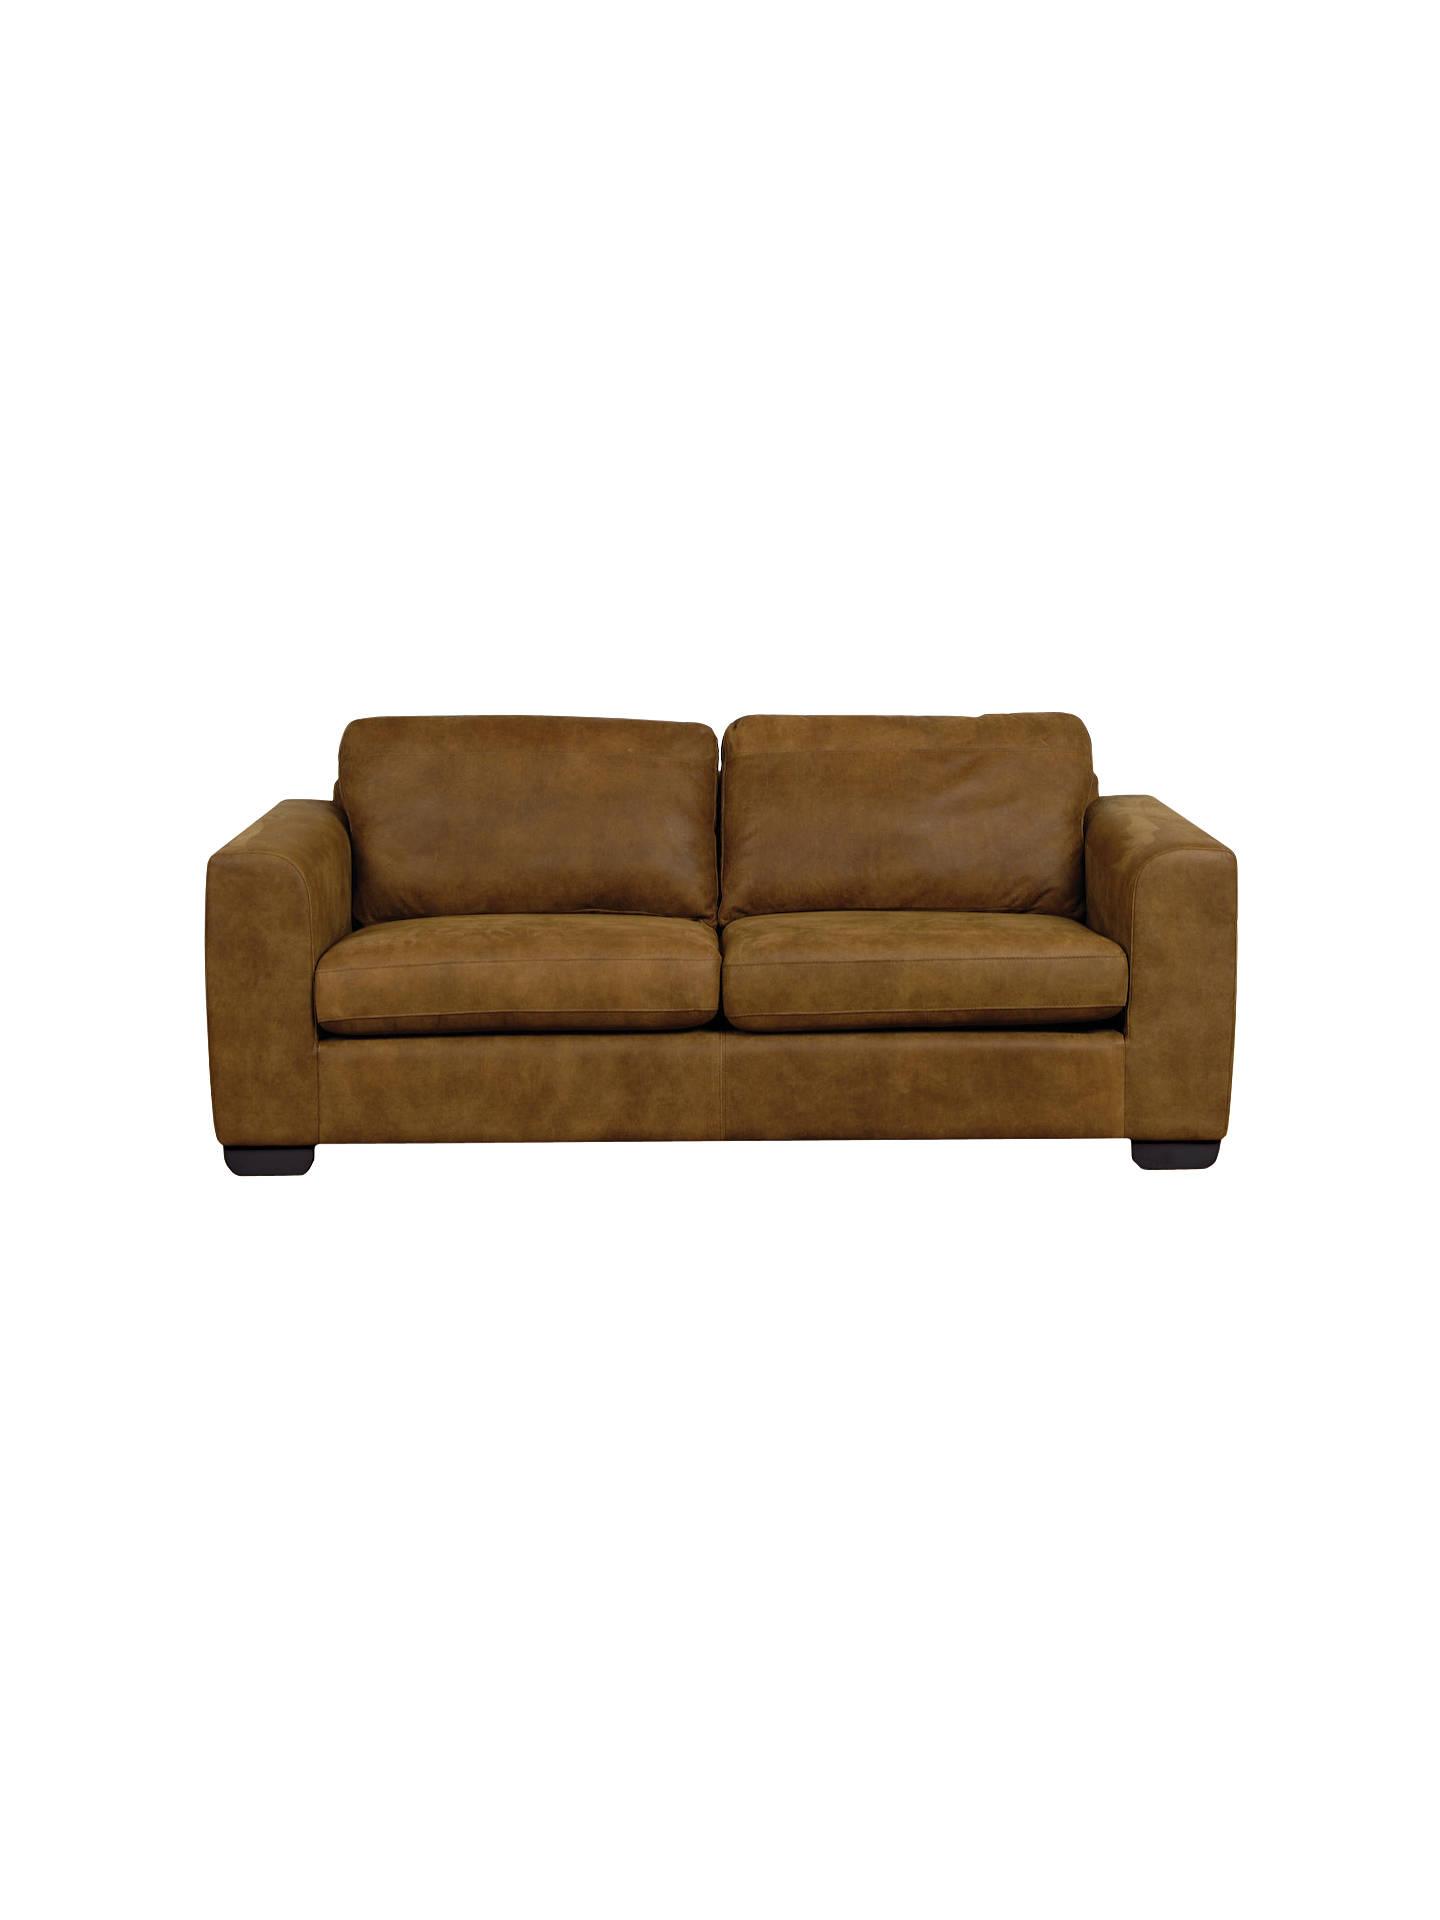 John Lewis Felix Large Semi Aniline Leather Sofa Ashanti Brown Online At Johnlewis